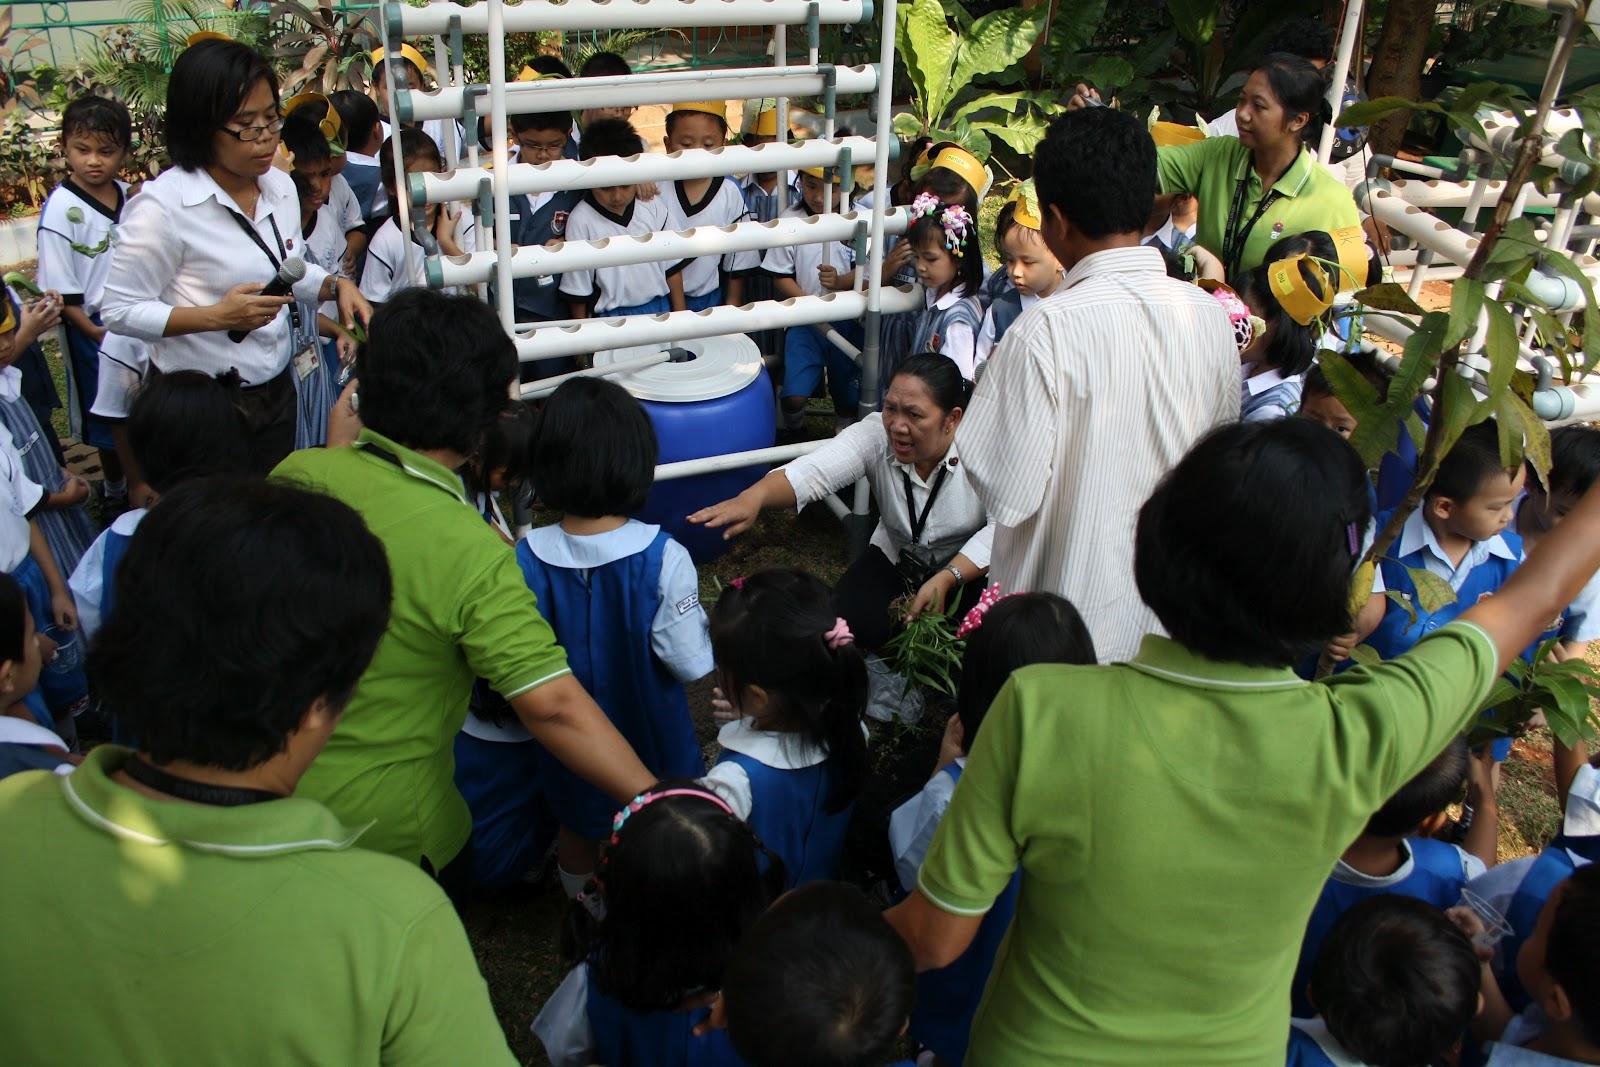 Semua anak dengan senang hati mendengarkan penjelasan dari Pak Agus